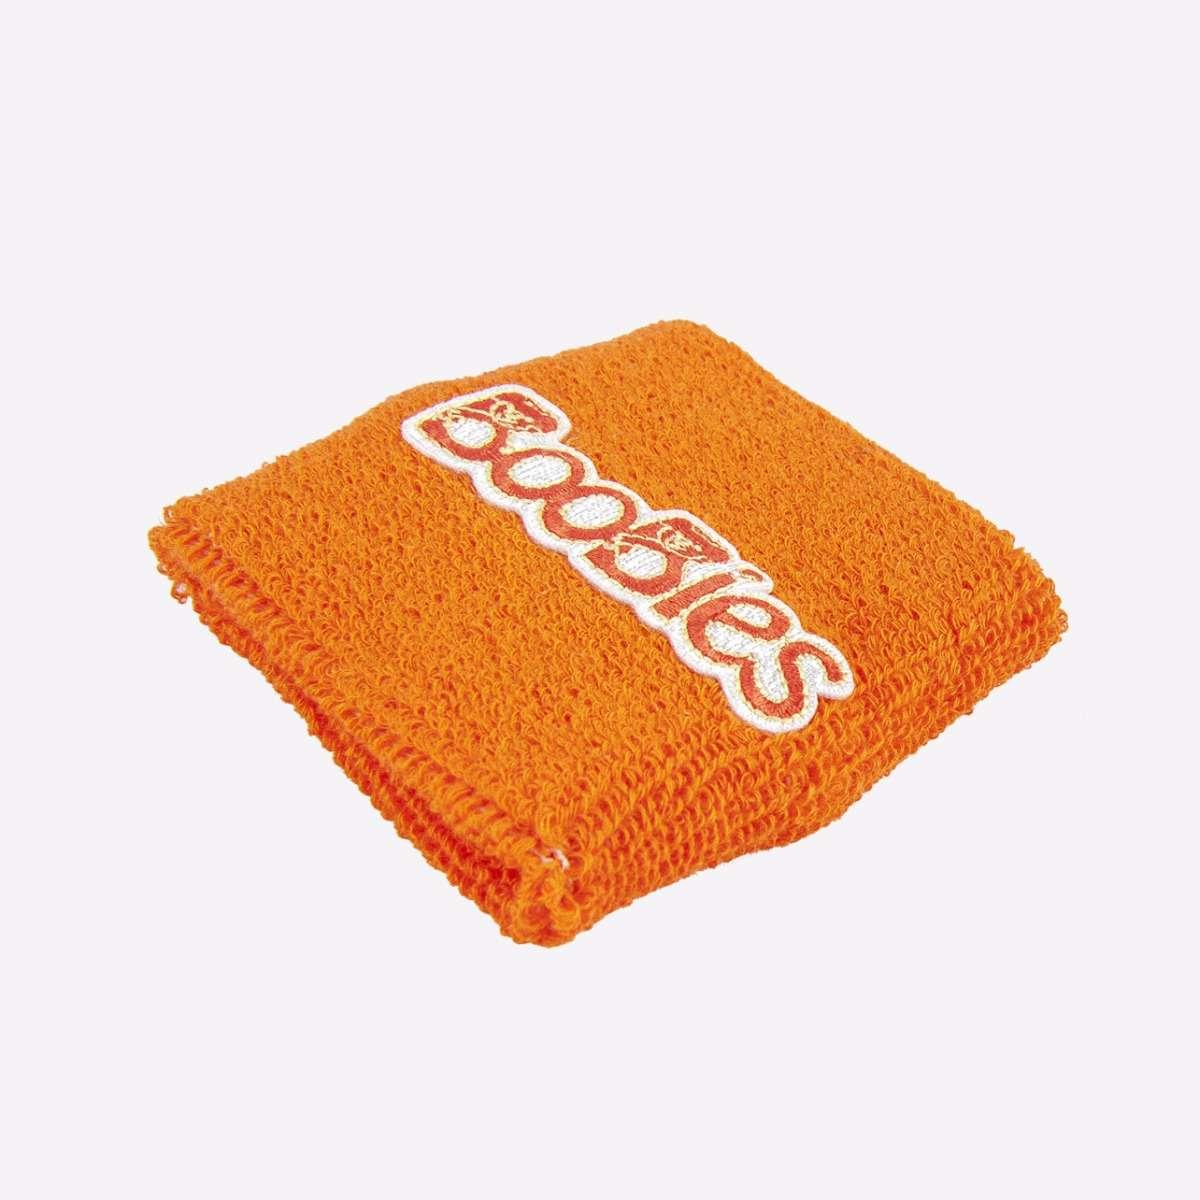 Boobies Wristband apparel